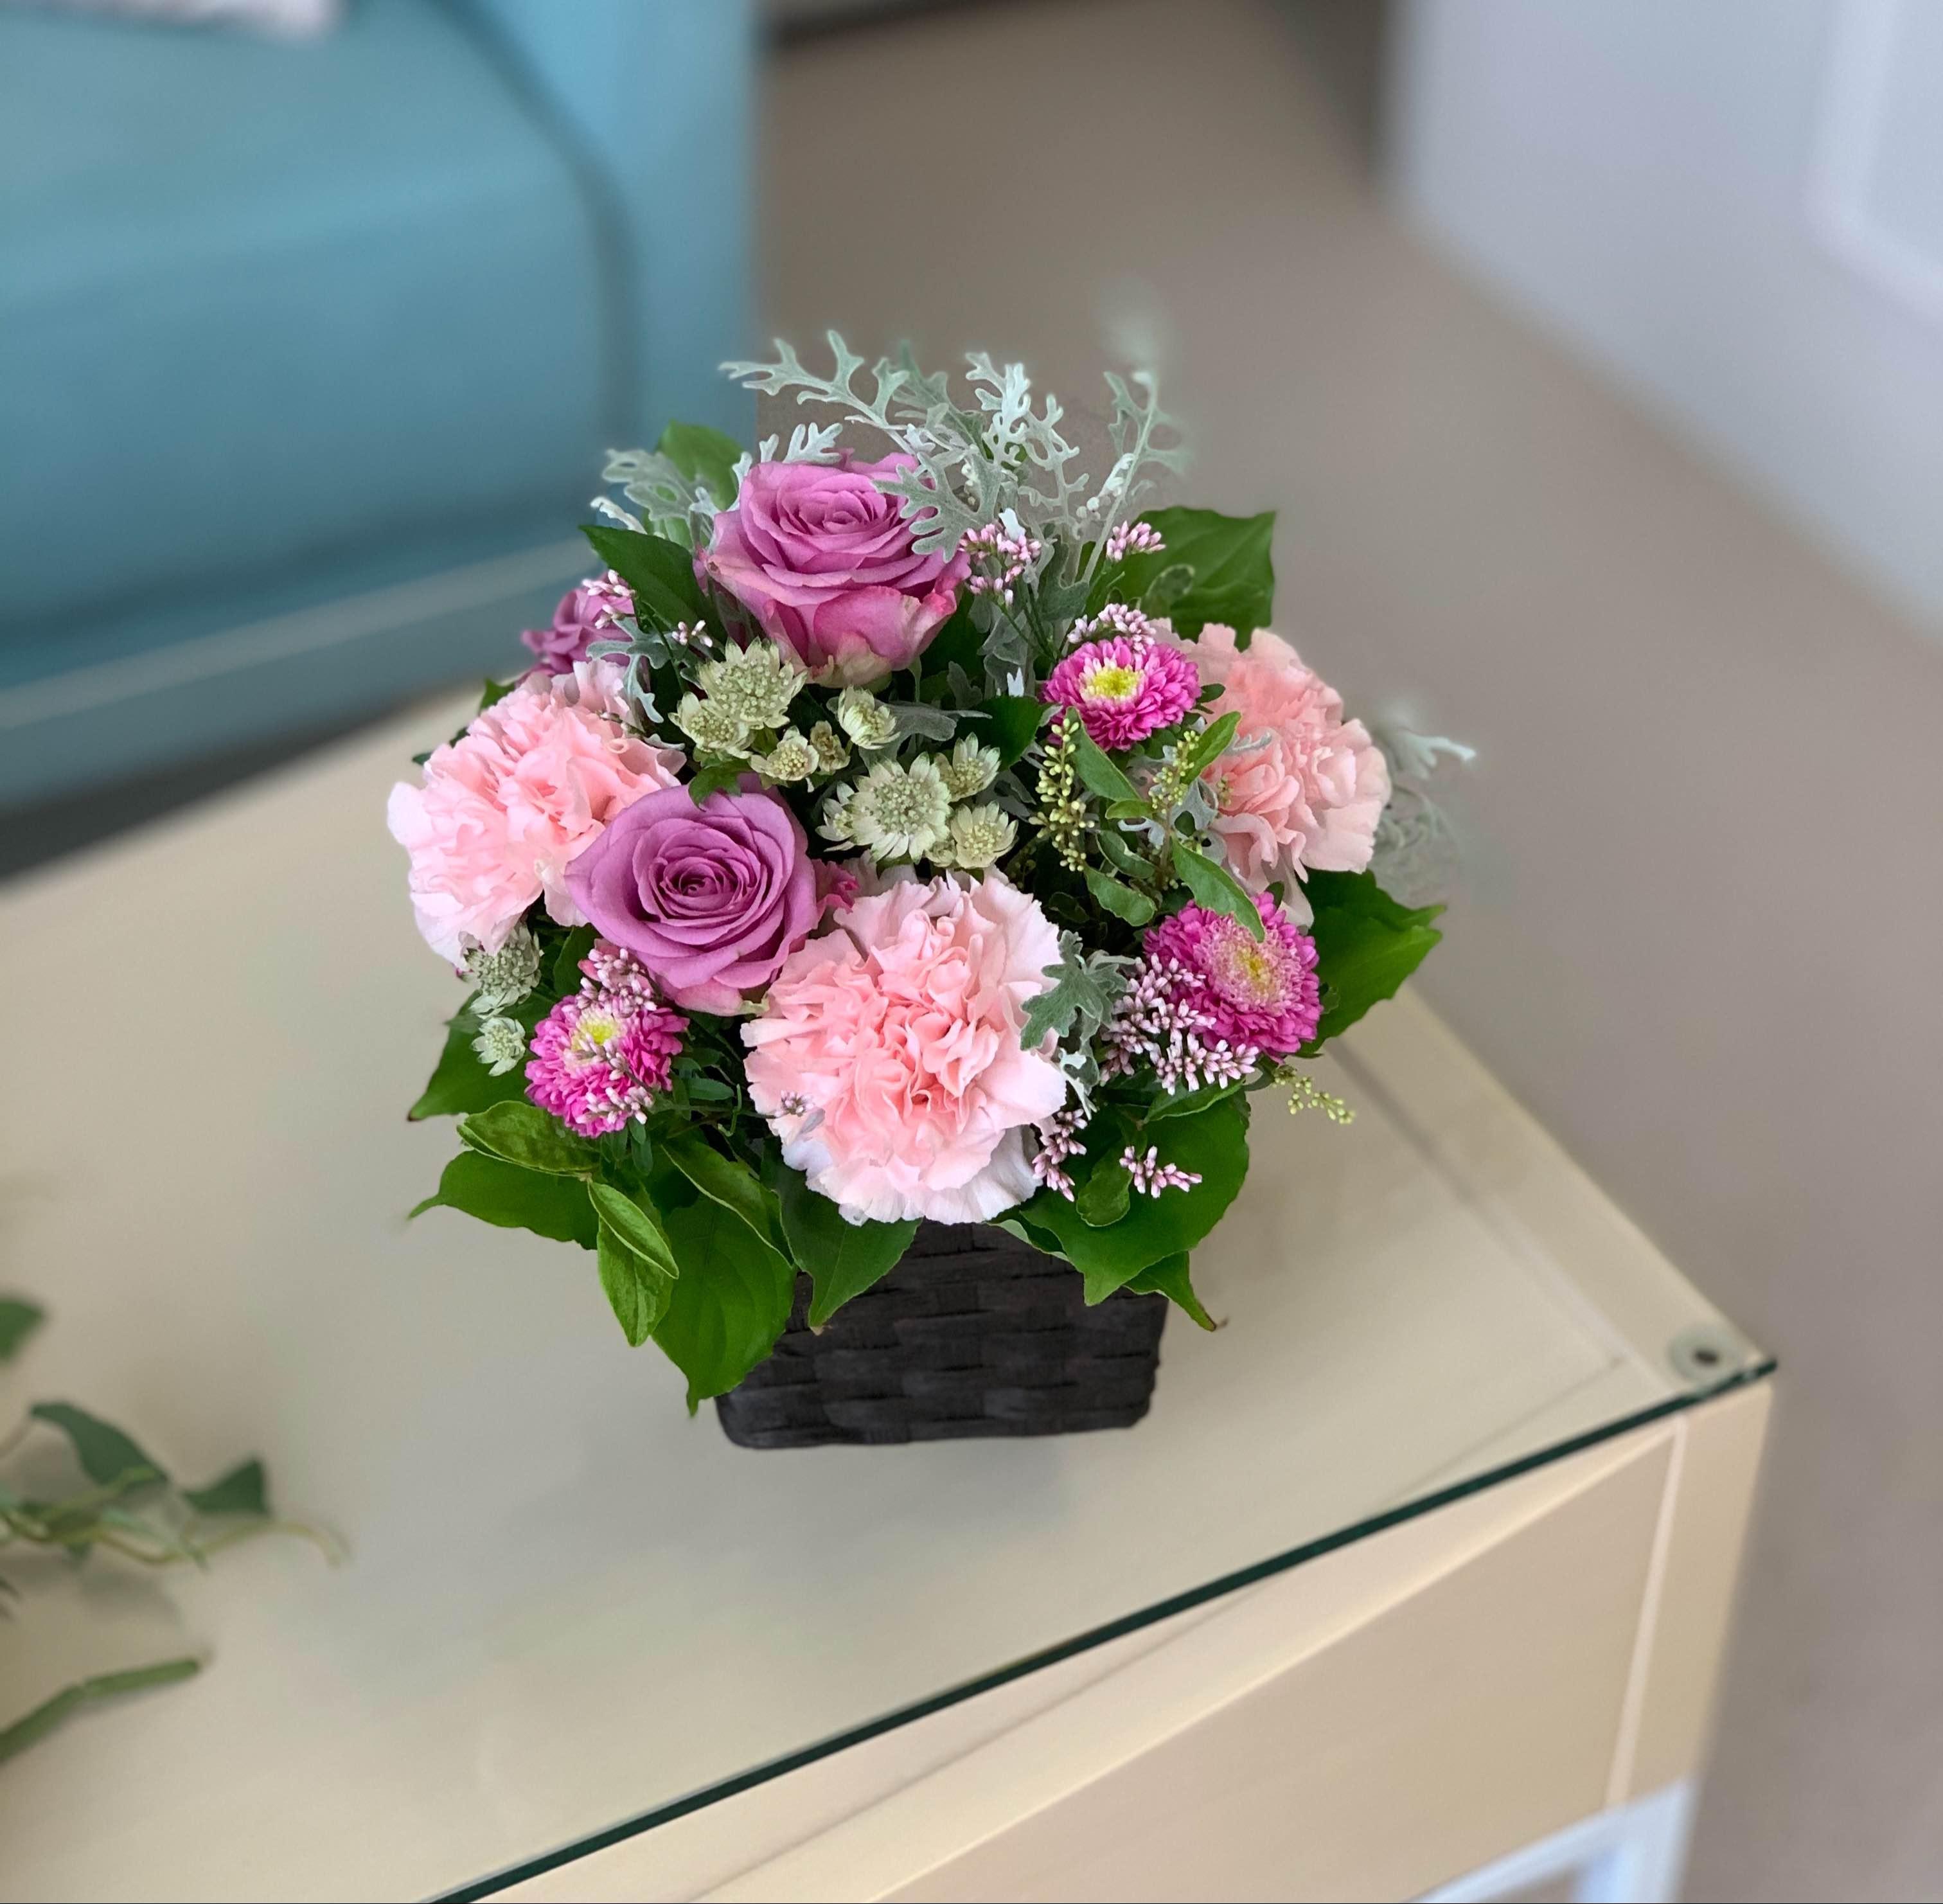 五感で楽しむ癒しの花サロンアリュールブーケット